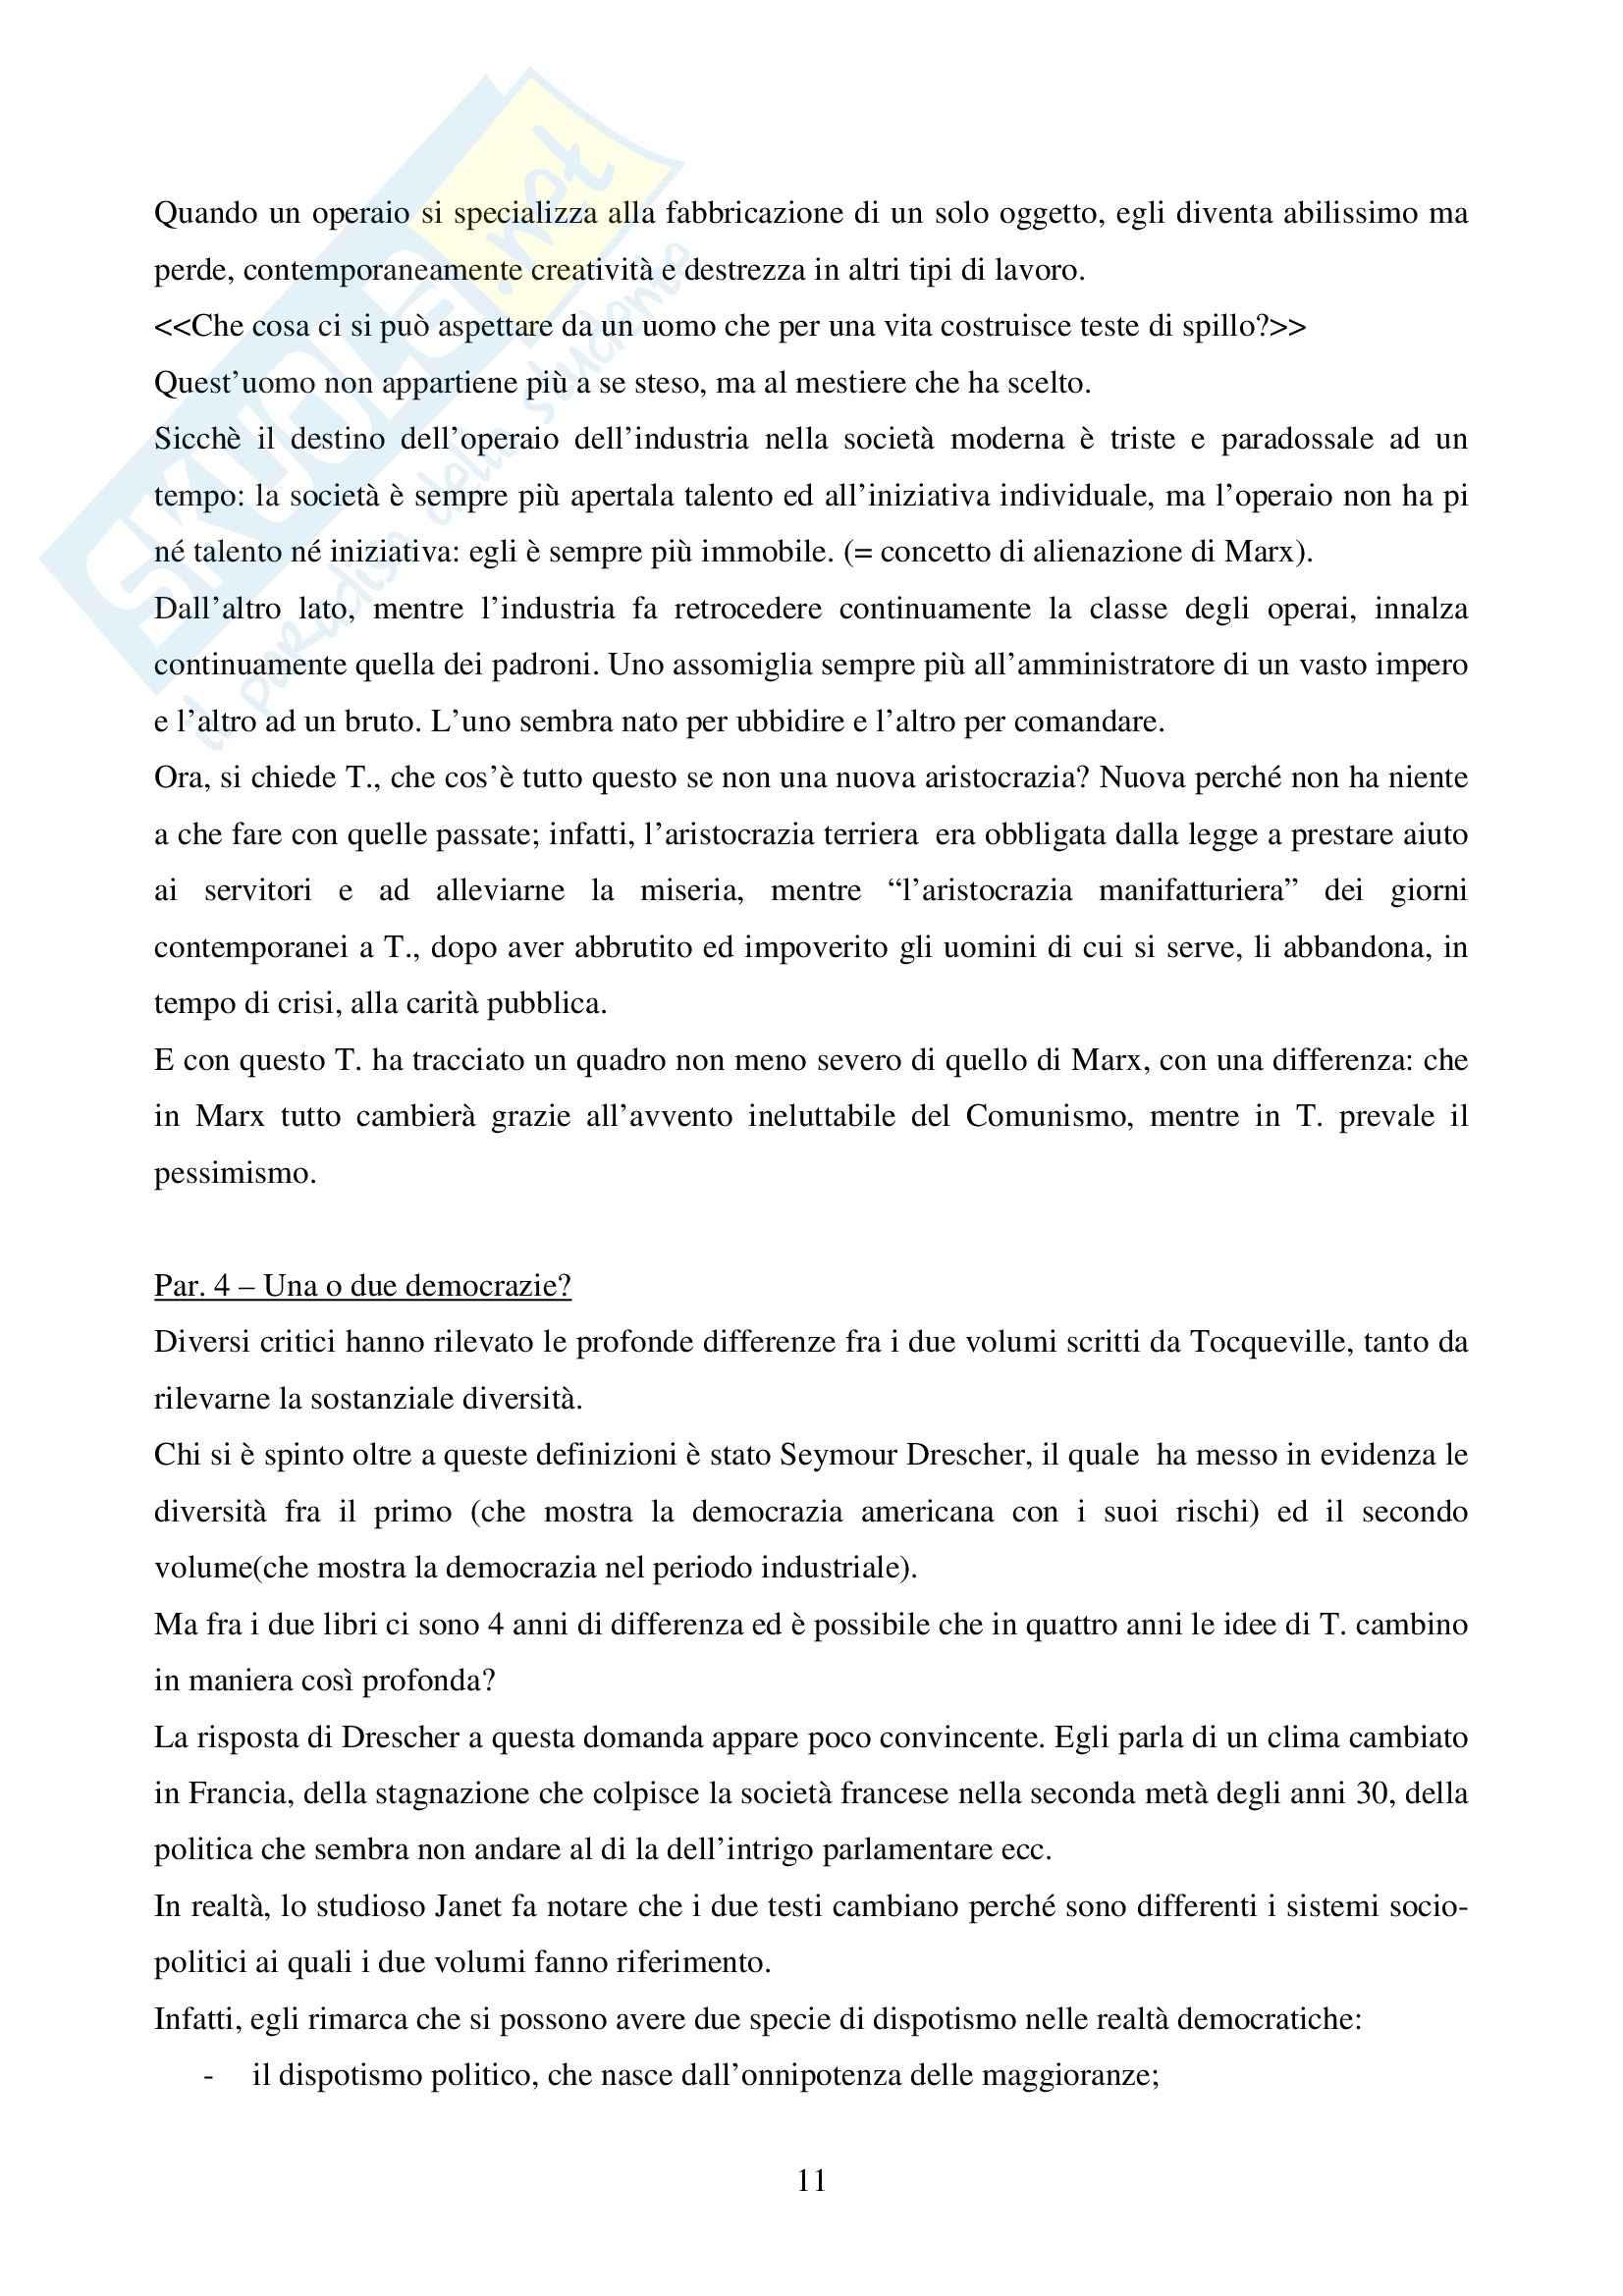 Storia del pensiero liberale, Bedeschi - Appunti Pag. 11